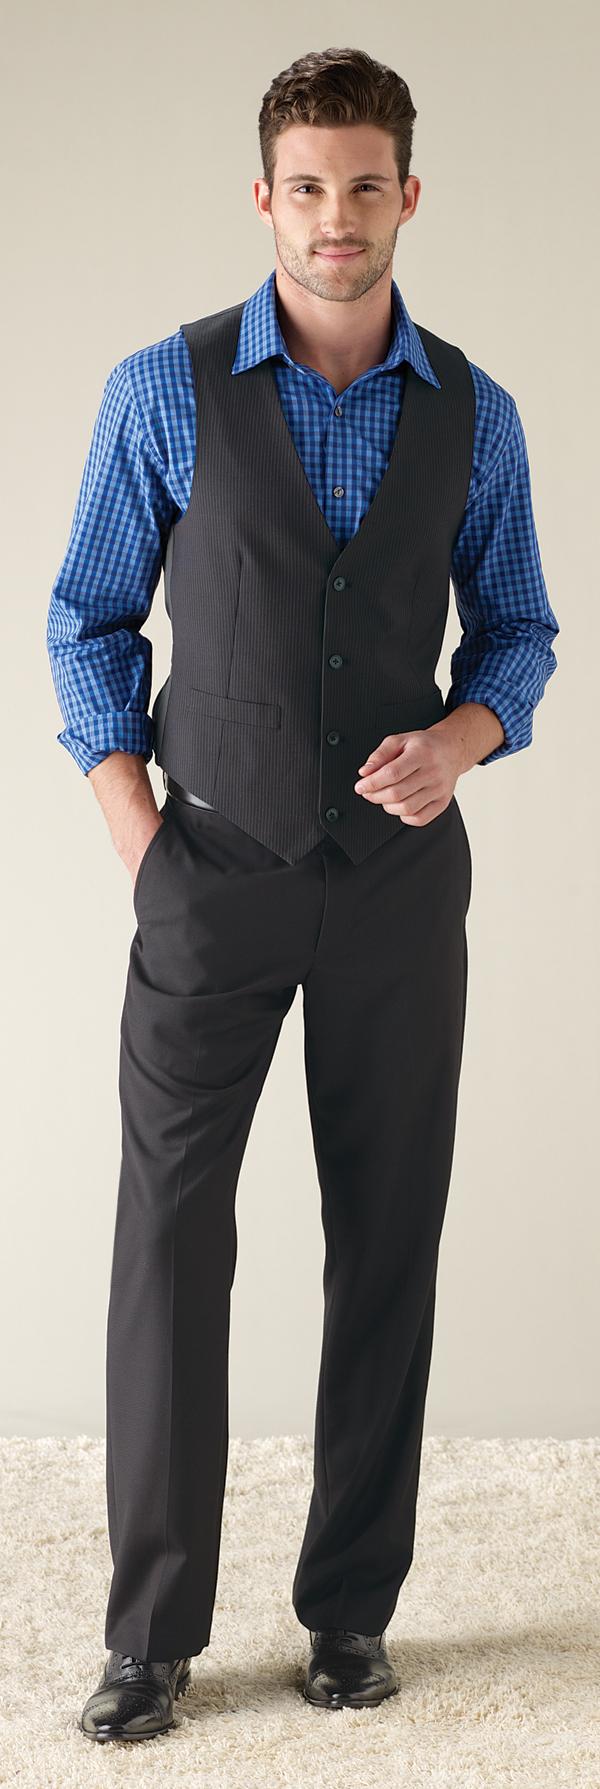 Mens suit separates with vest Suits clothing, Mens